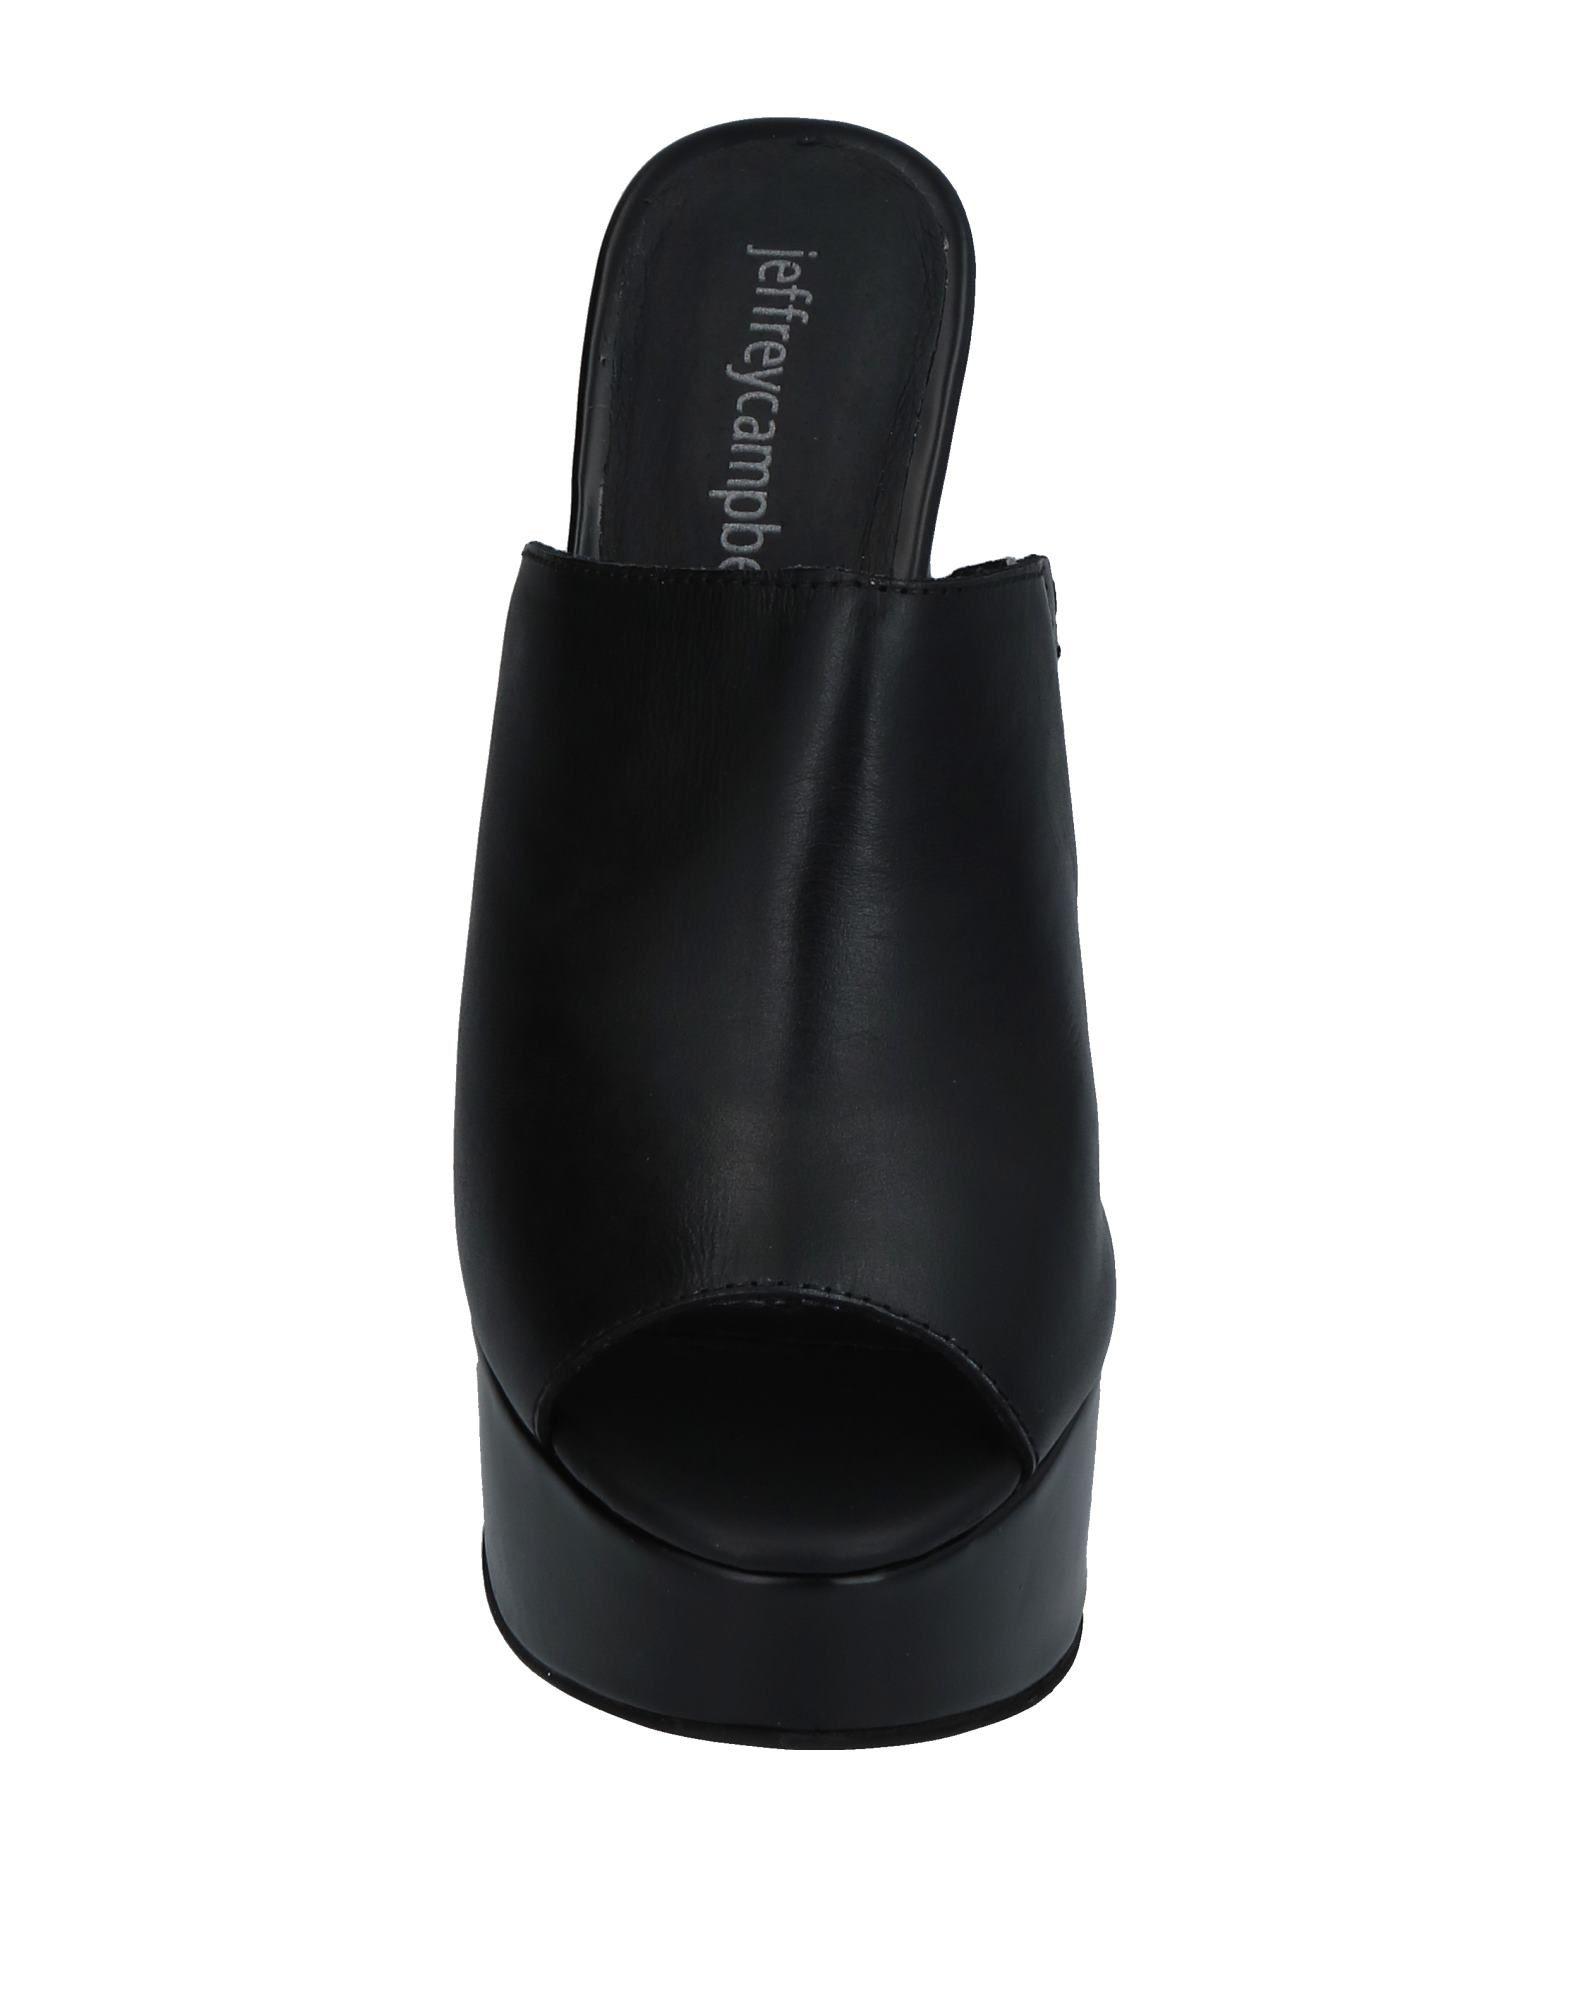 Jeffrey Jeffrey Jeffrey Campbell Sandalen Damen  11405239KG Gute Qualität beliebte Schuhe d219d5